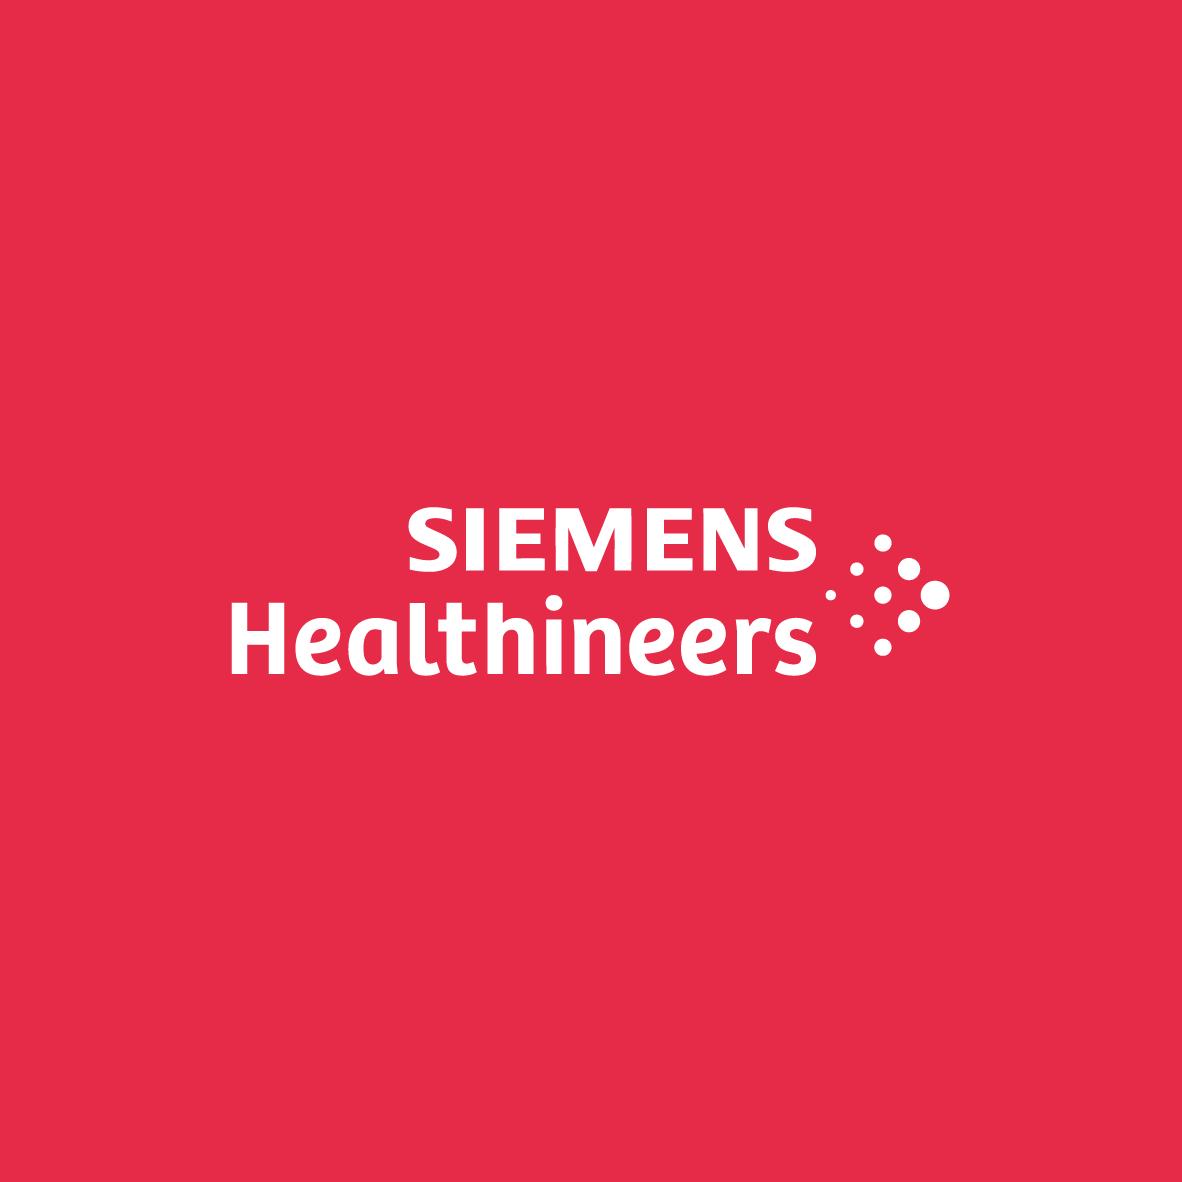 10_SIEMENS HEALTHINEERS.png